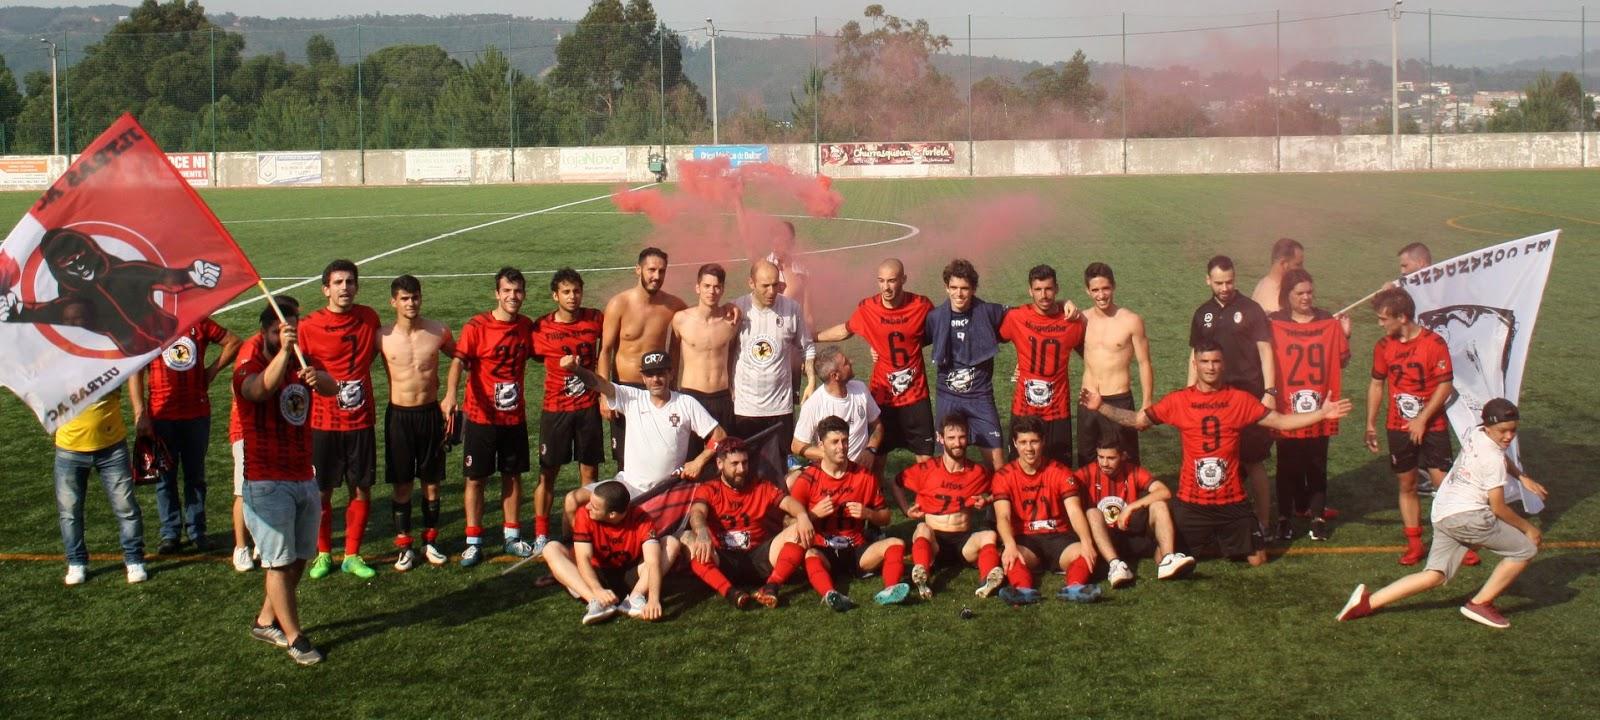 ÚLTIMA HORA: AC Milheirós promovido à Honra